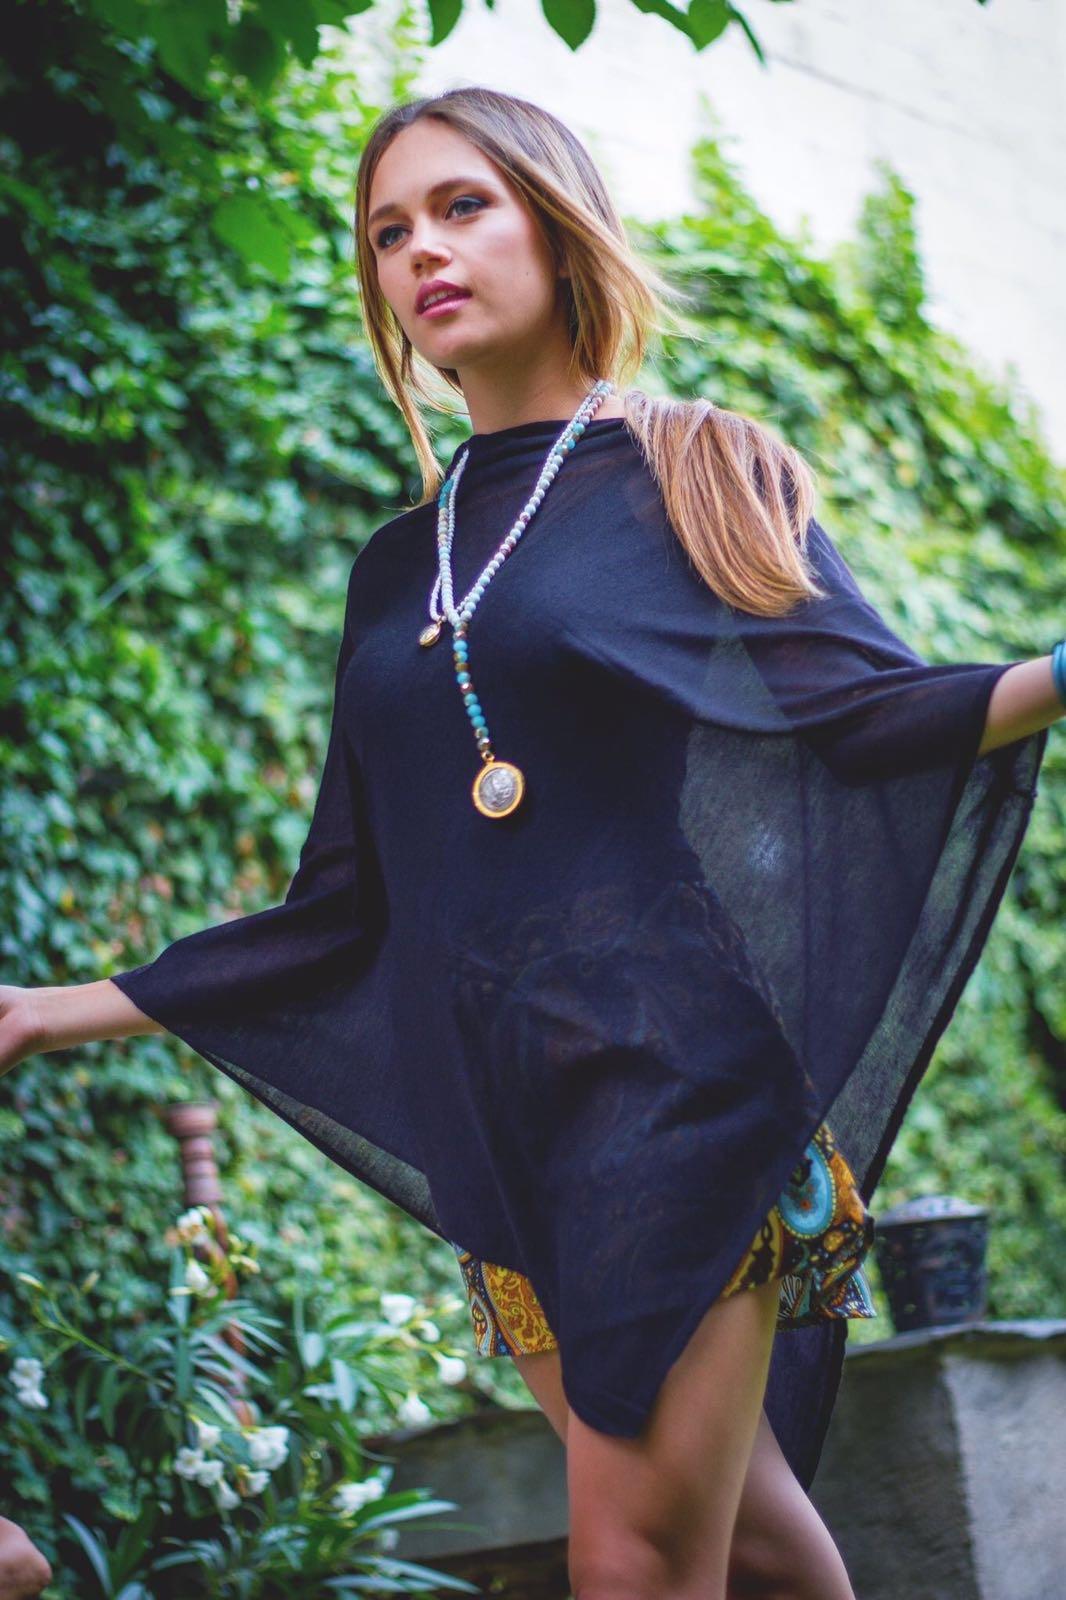 MARIA MASHA PROGREBNYAK - WINNER OF RUNWAY ITALIA 2016